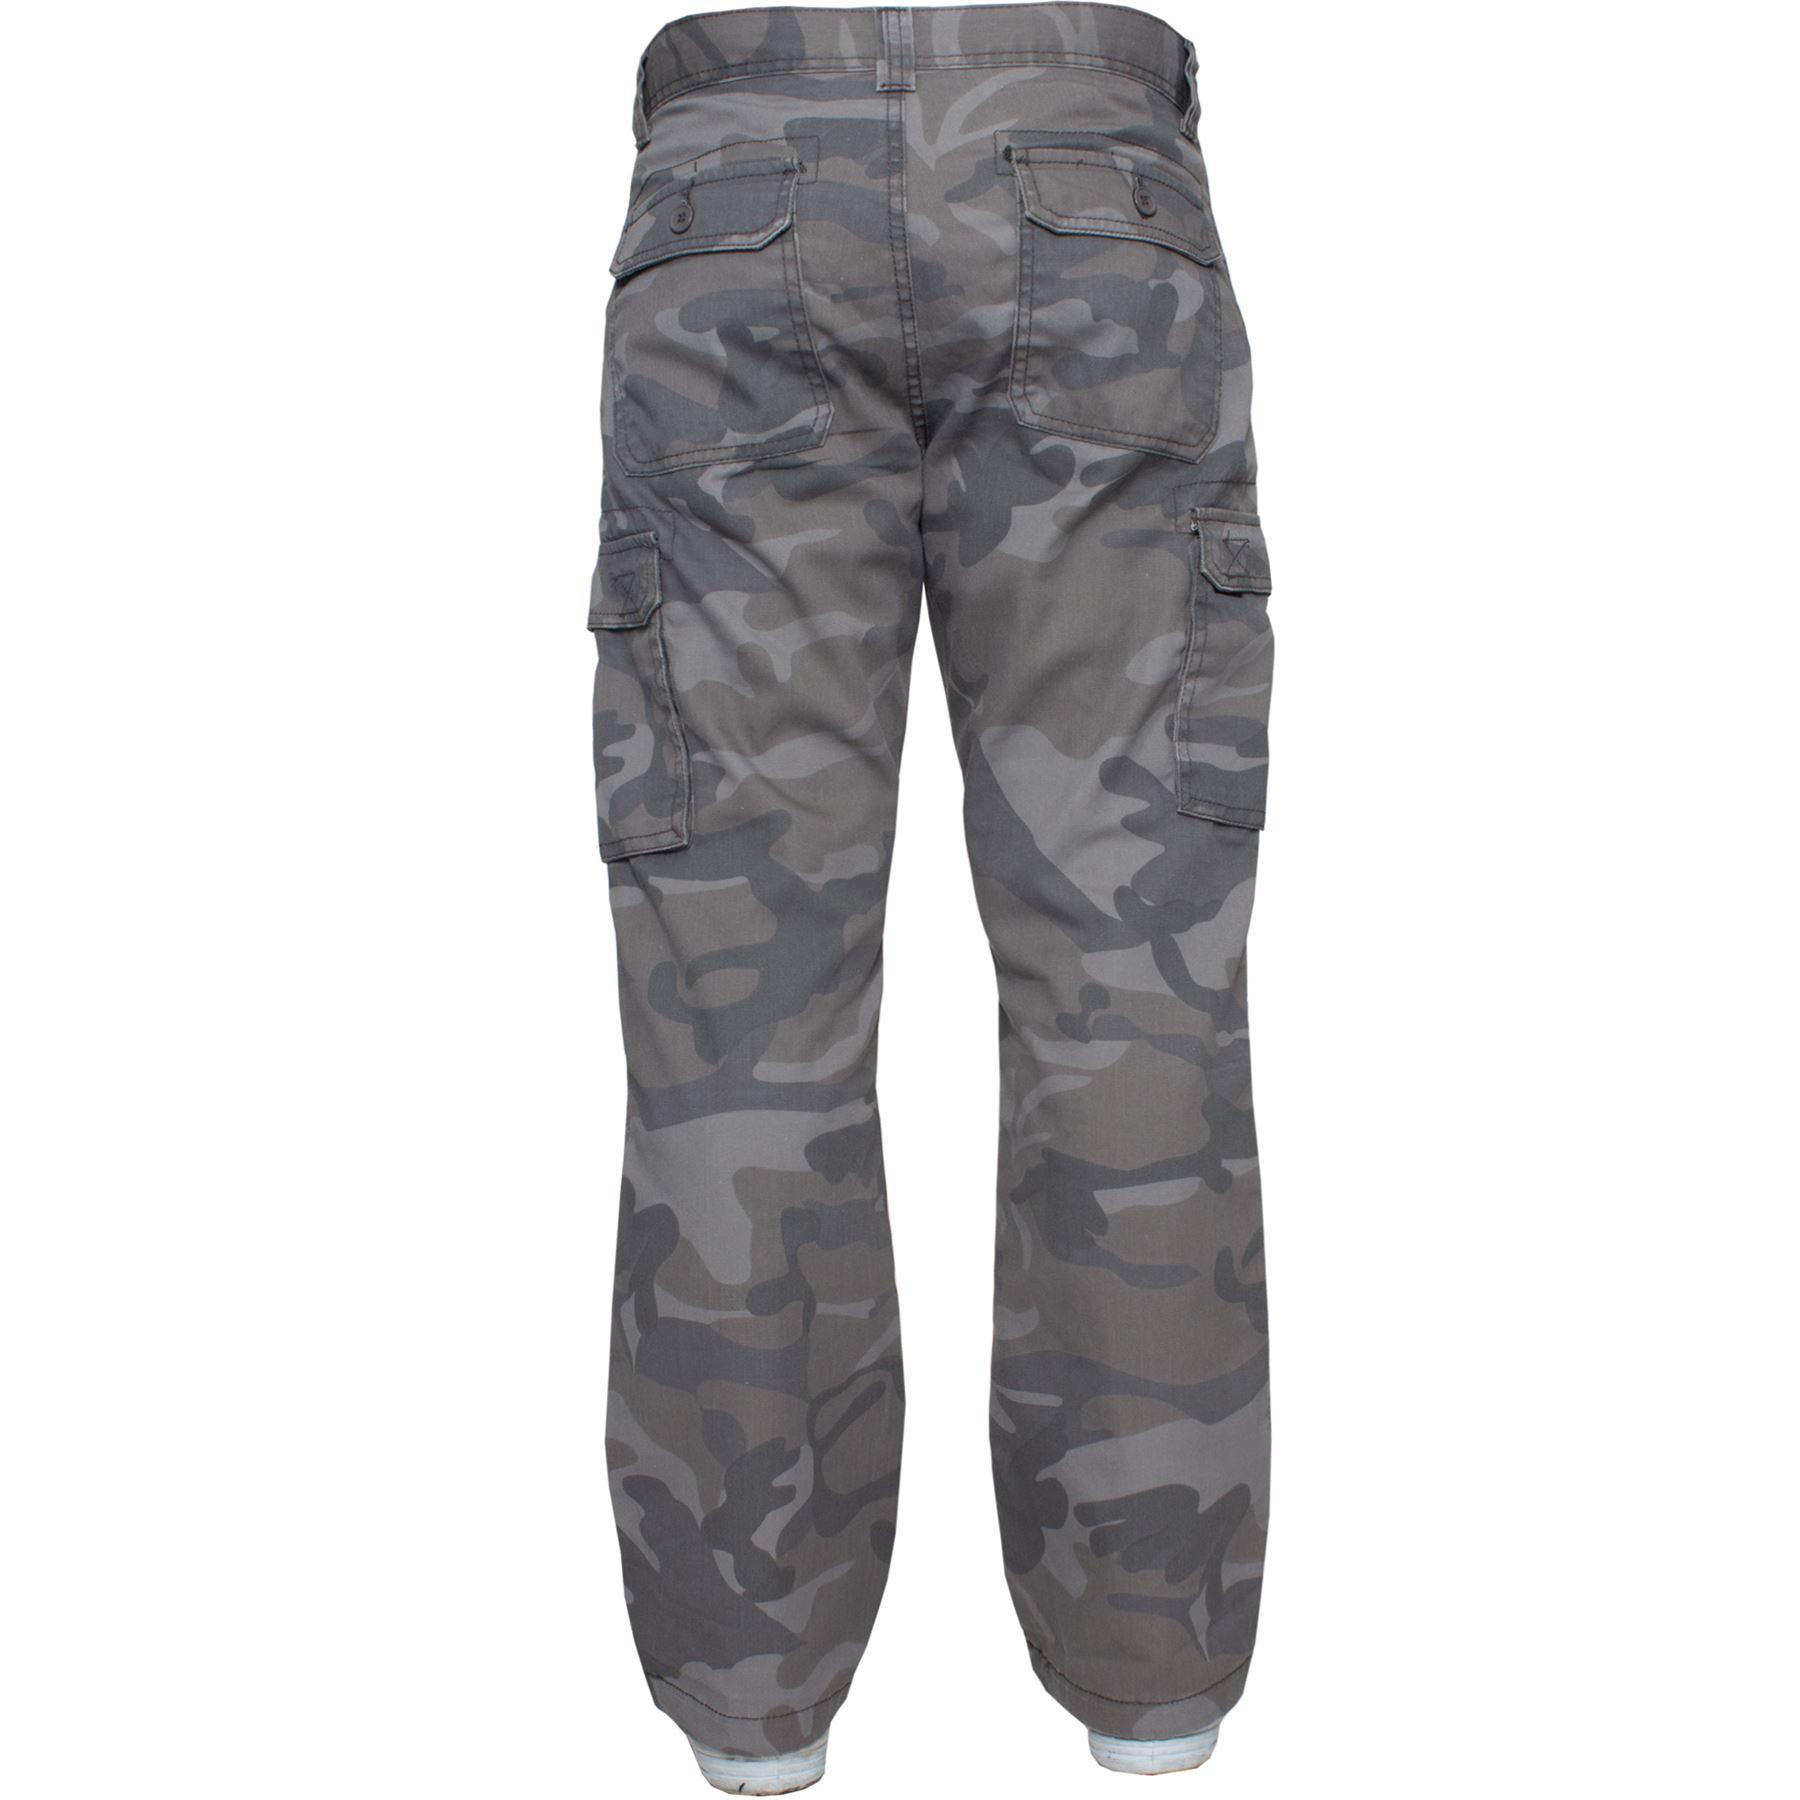 Kruze-Uomo-Militare-Pantaloni-Camouflage-Cargo-Mimetico-Casual-Lavoro miniatura 13